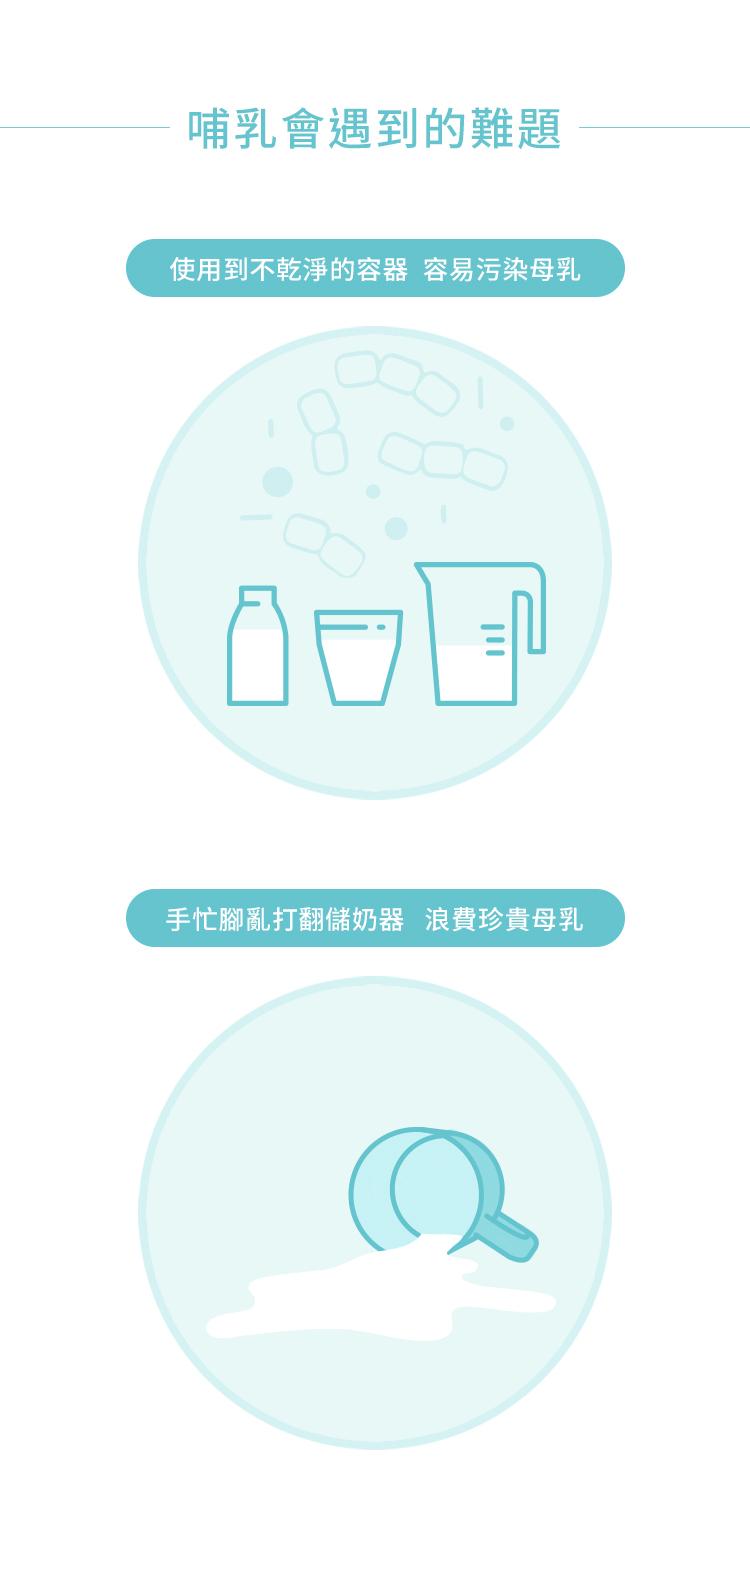 母乳袋, 站立式輕巧母乳袋, 母乳, 哺乳, 哺乳會遇到的難題, 不乾淨的容器, 容易污染母乳, 手忙腳亂, 浪費珍貴母乳, 哺餵, 親餵